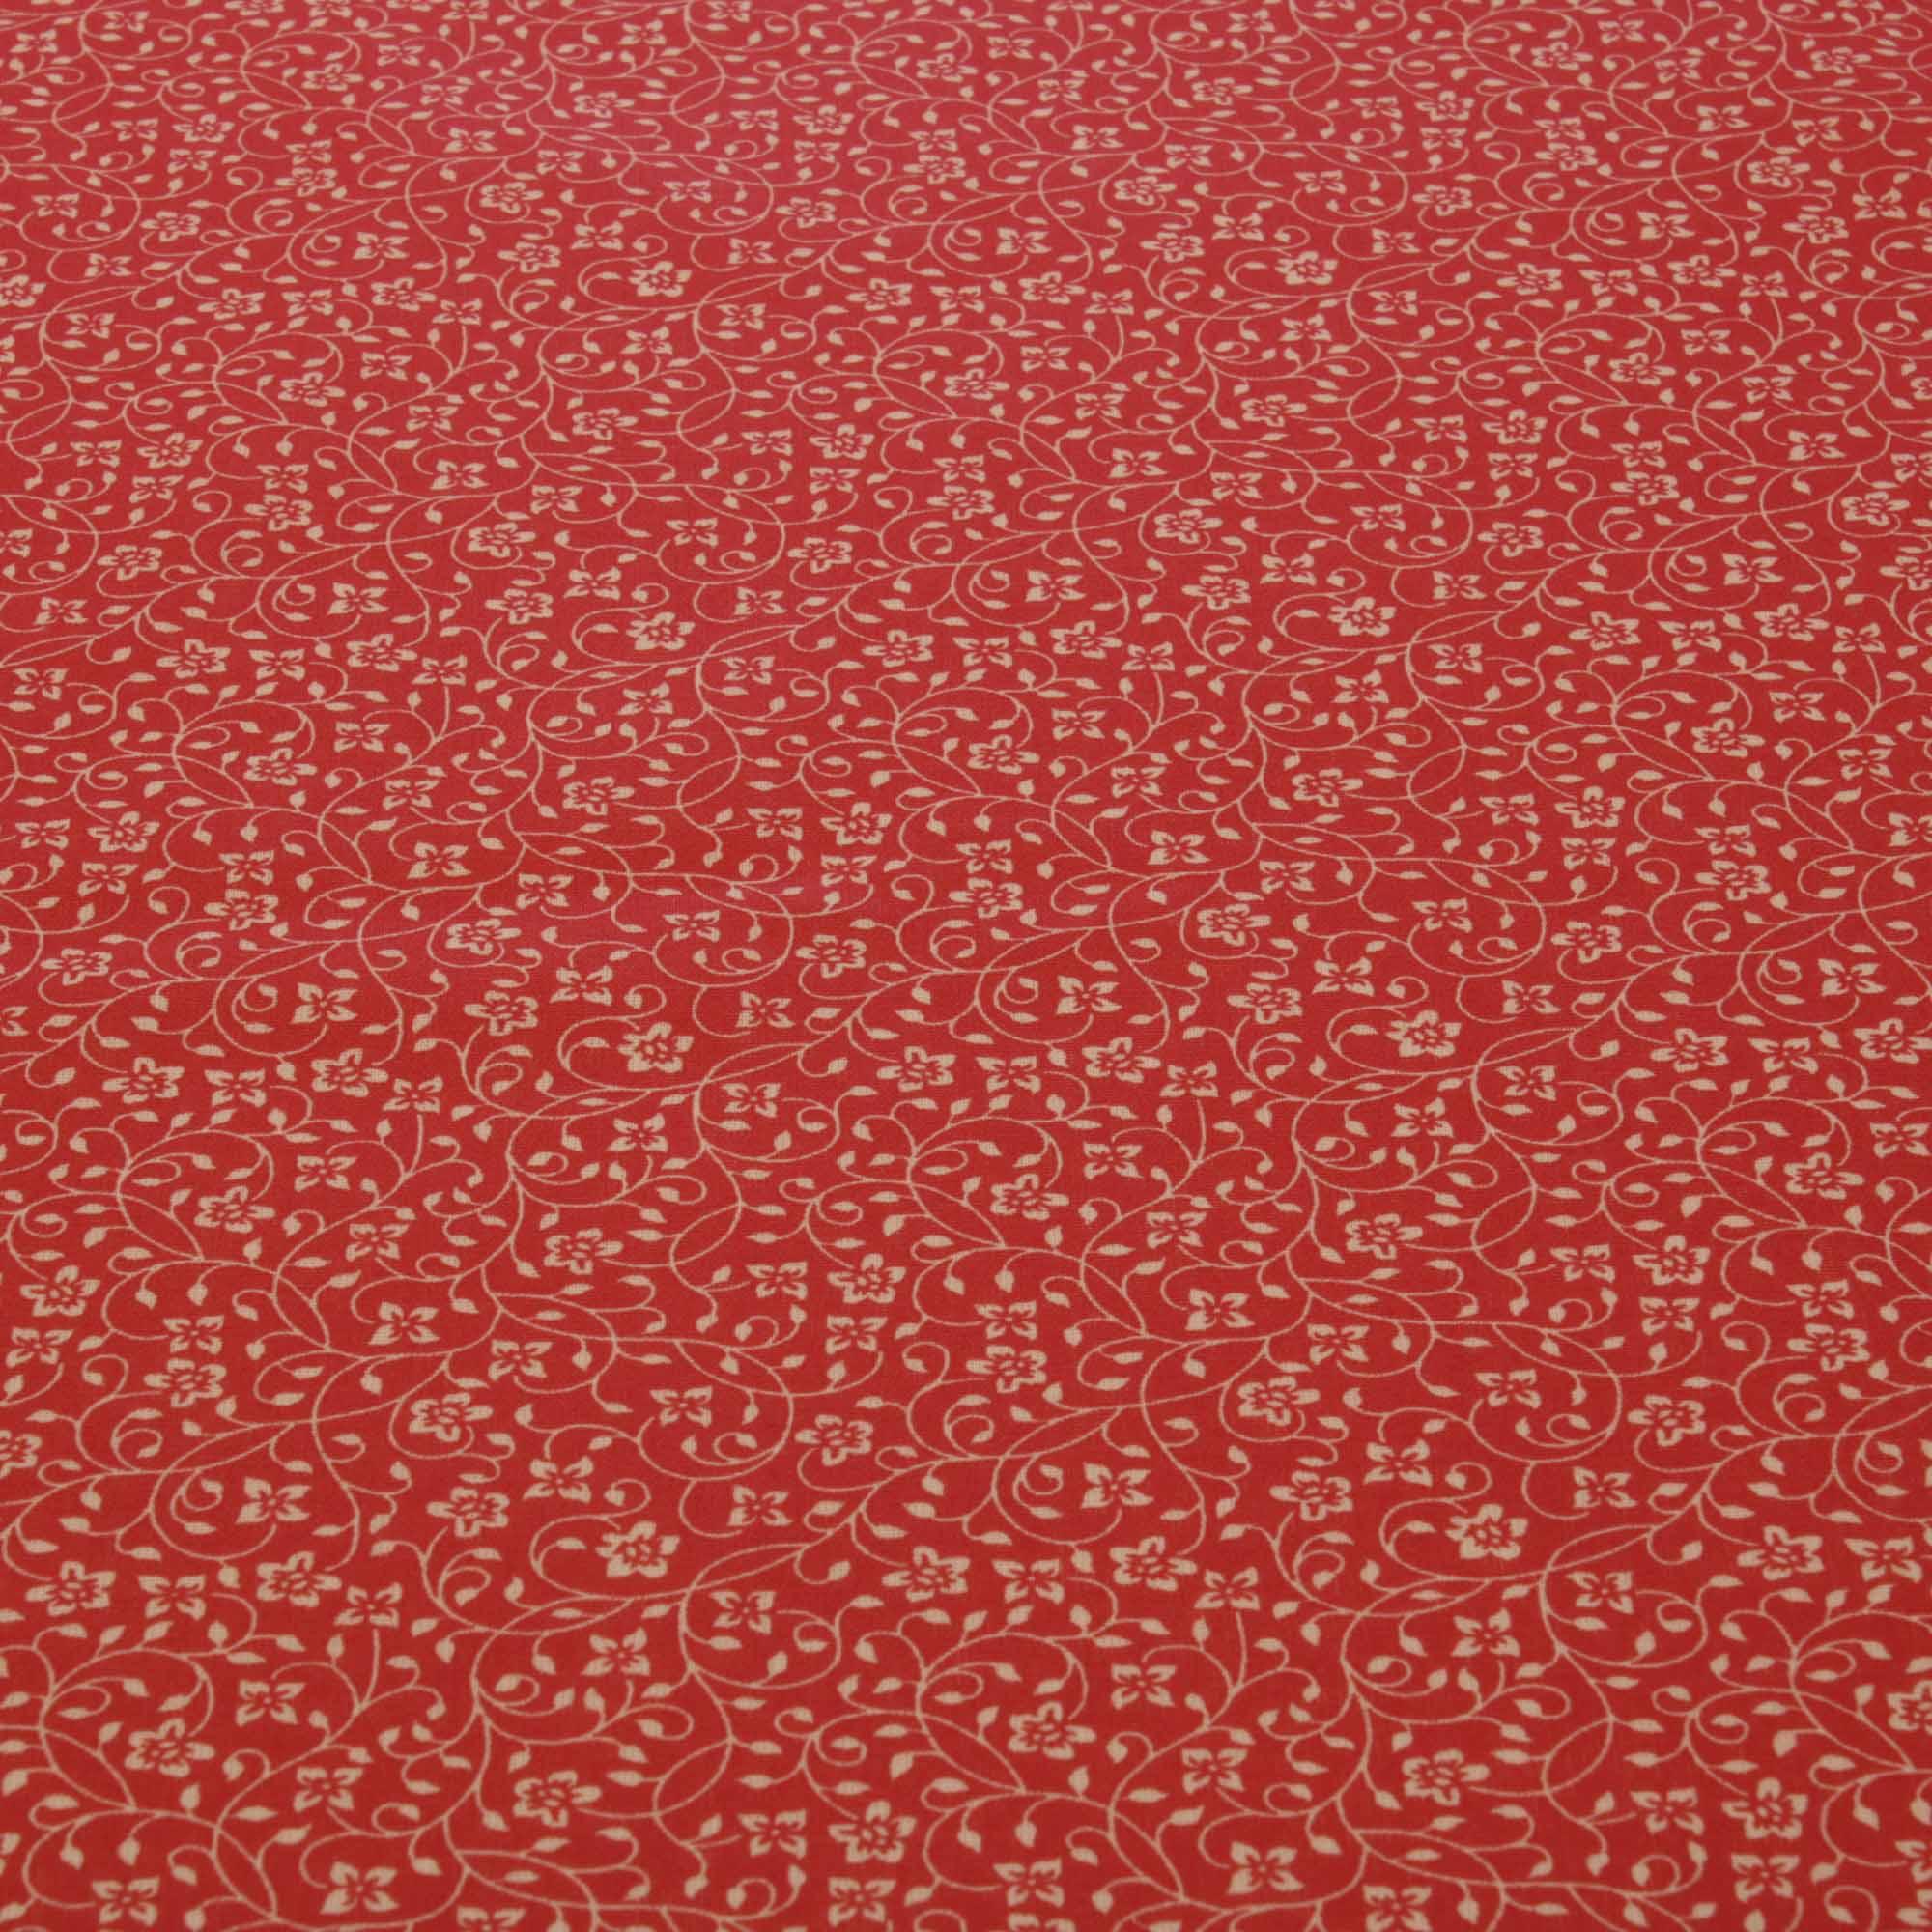 Tecido tricoline ramos flores 1,40 m largura vermelho